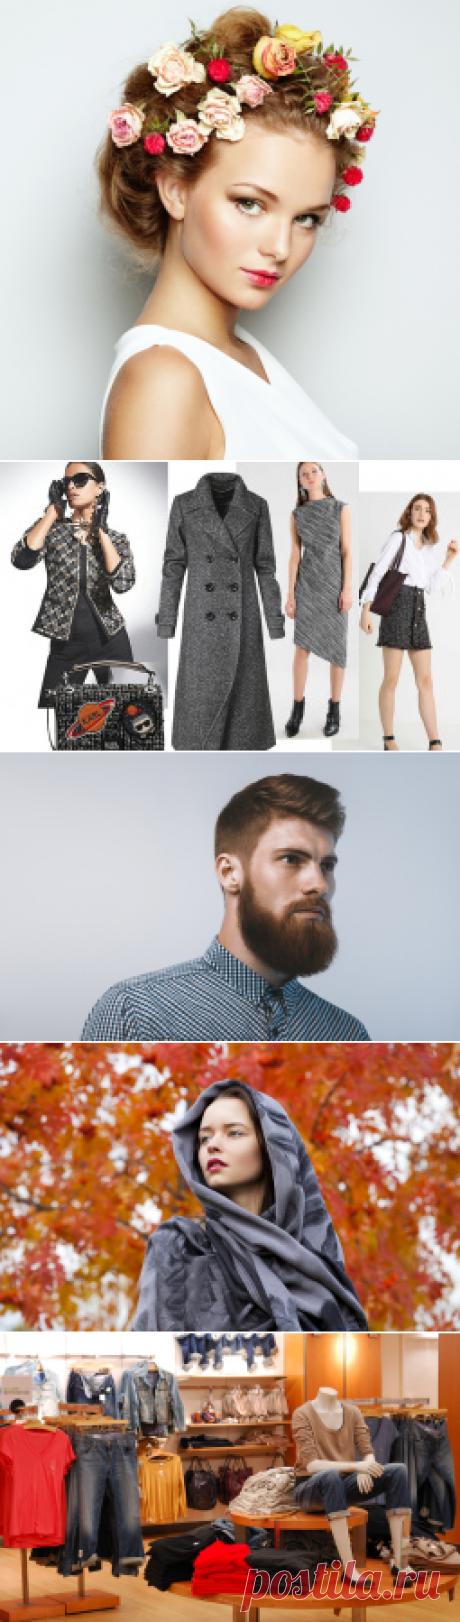 Можно ли ликвидировать пробел в образовании  и одеваться модно? | Красота и здоровье